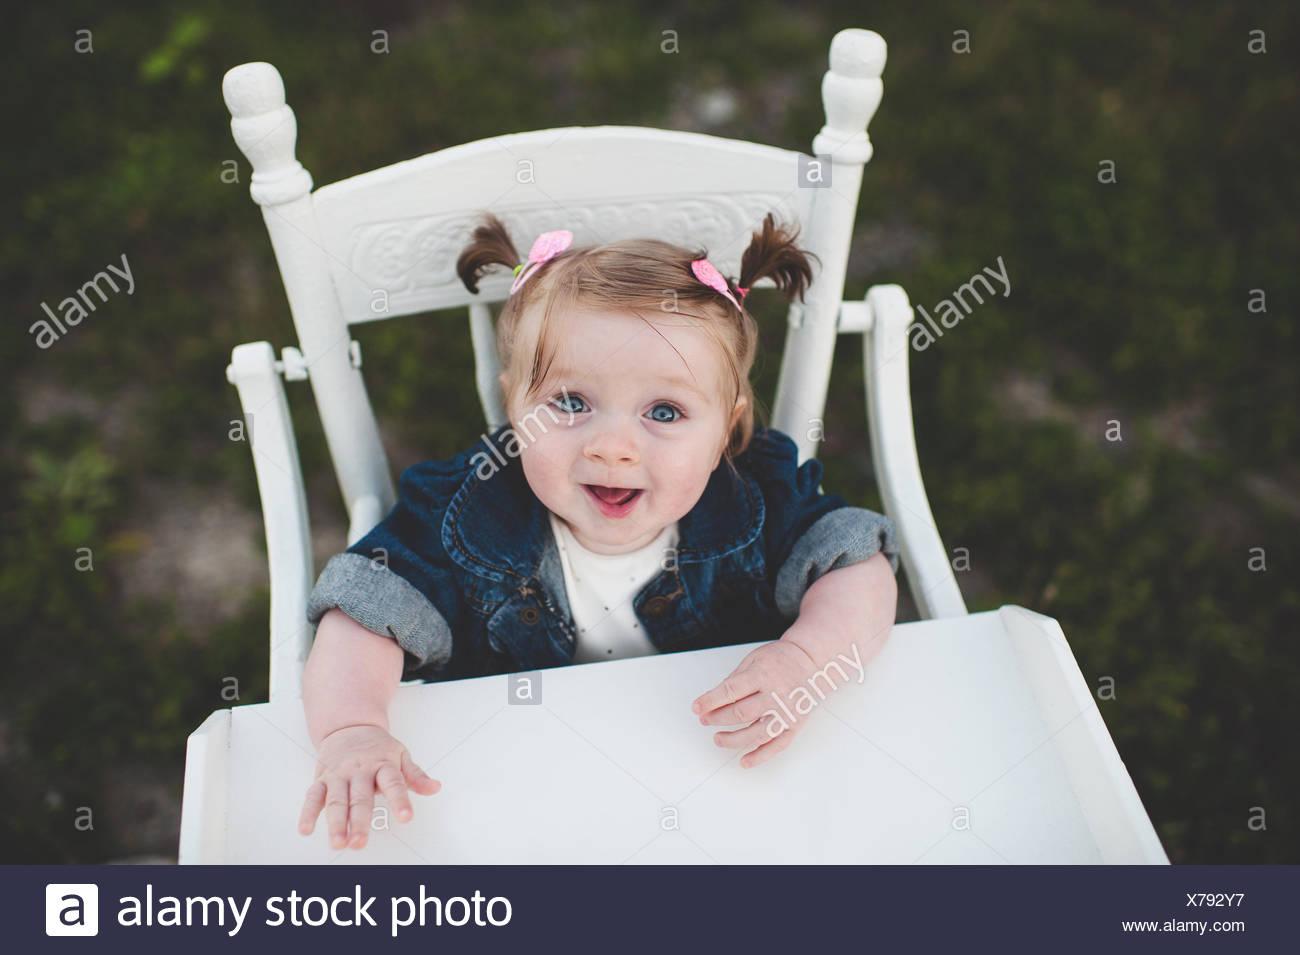 Ritratto di bambina in sedia alta Immagini Stock